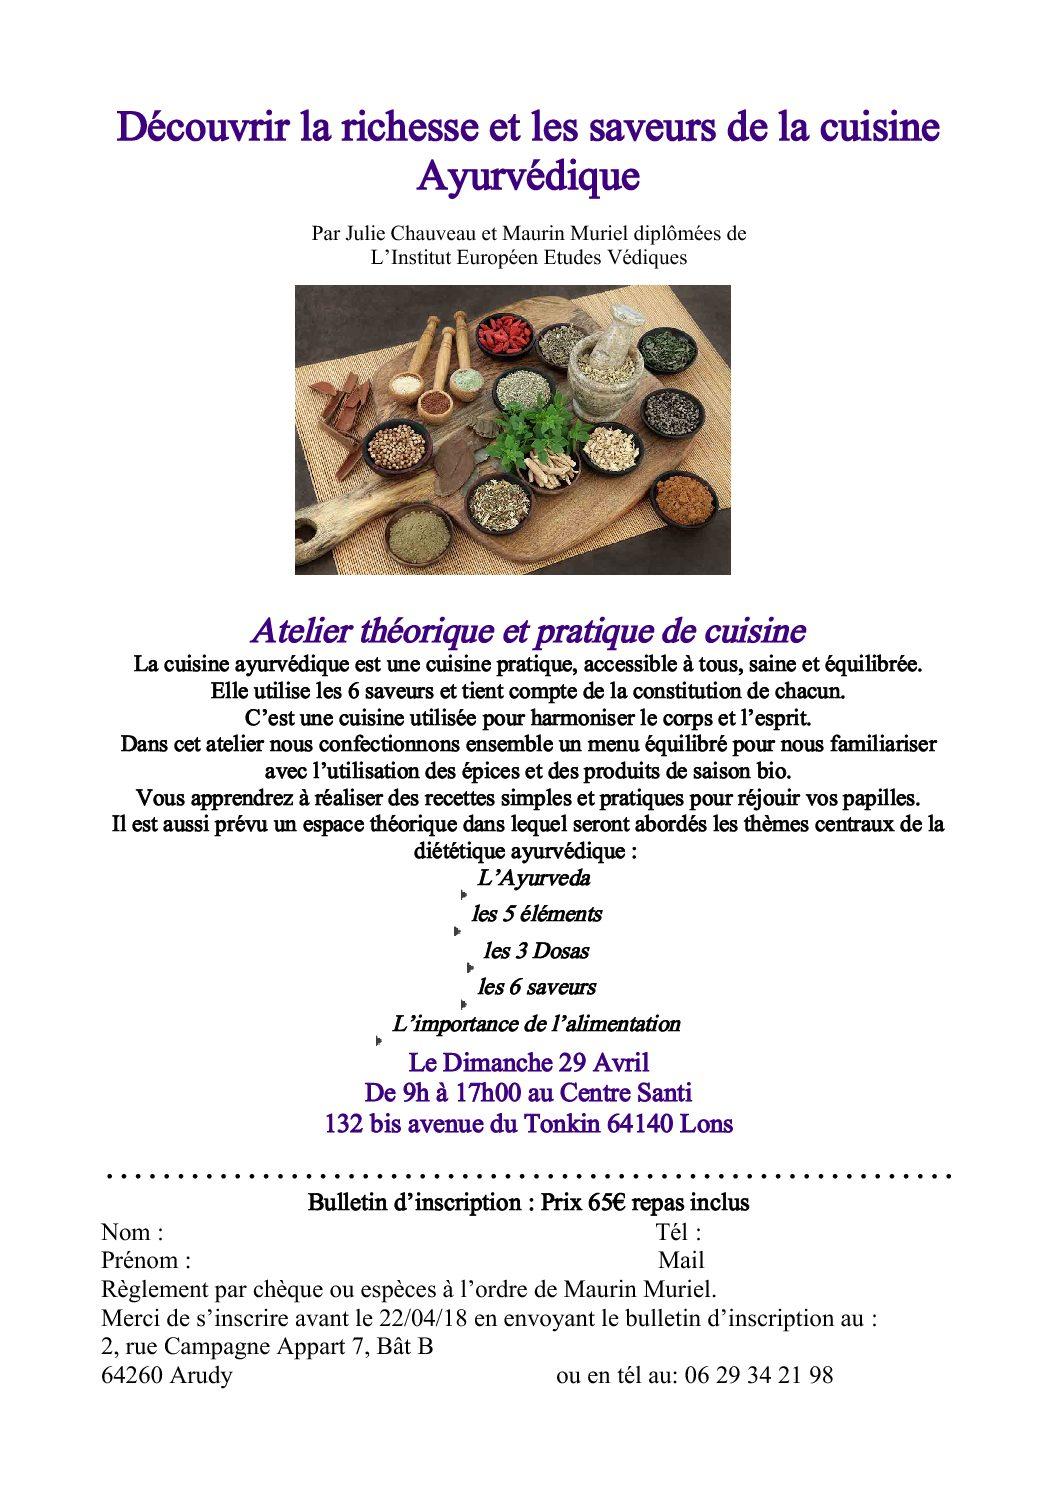 Atelier théorique et pratique de cuisine Ayurvédique